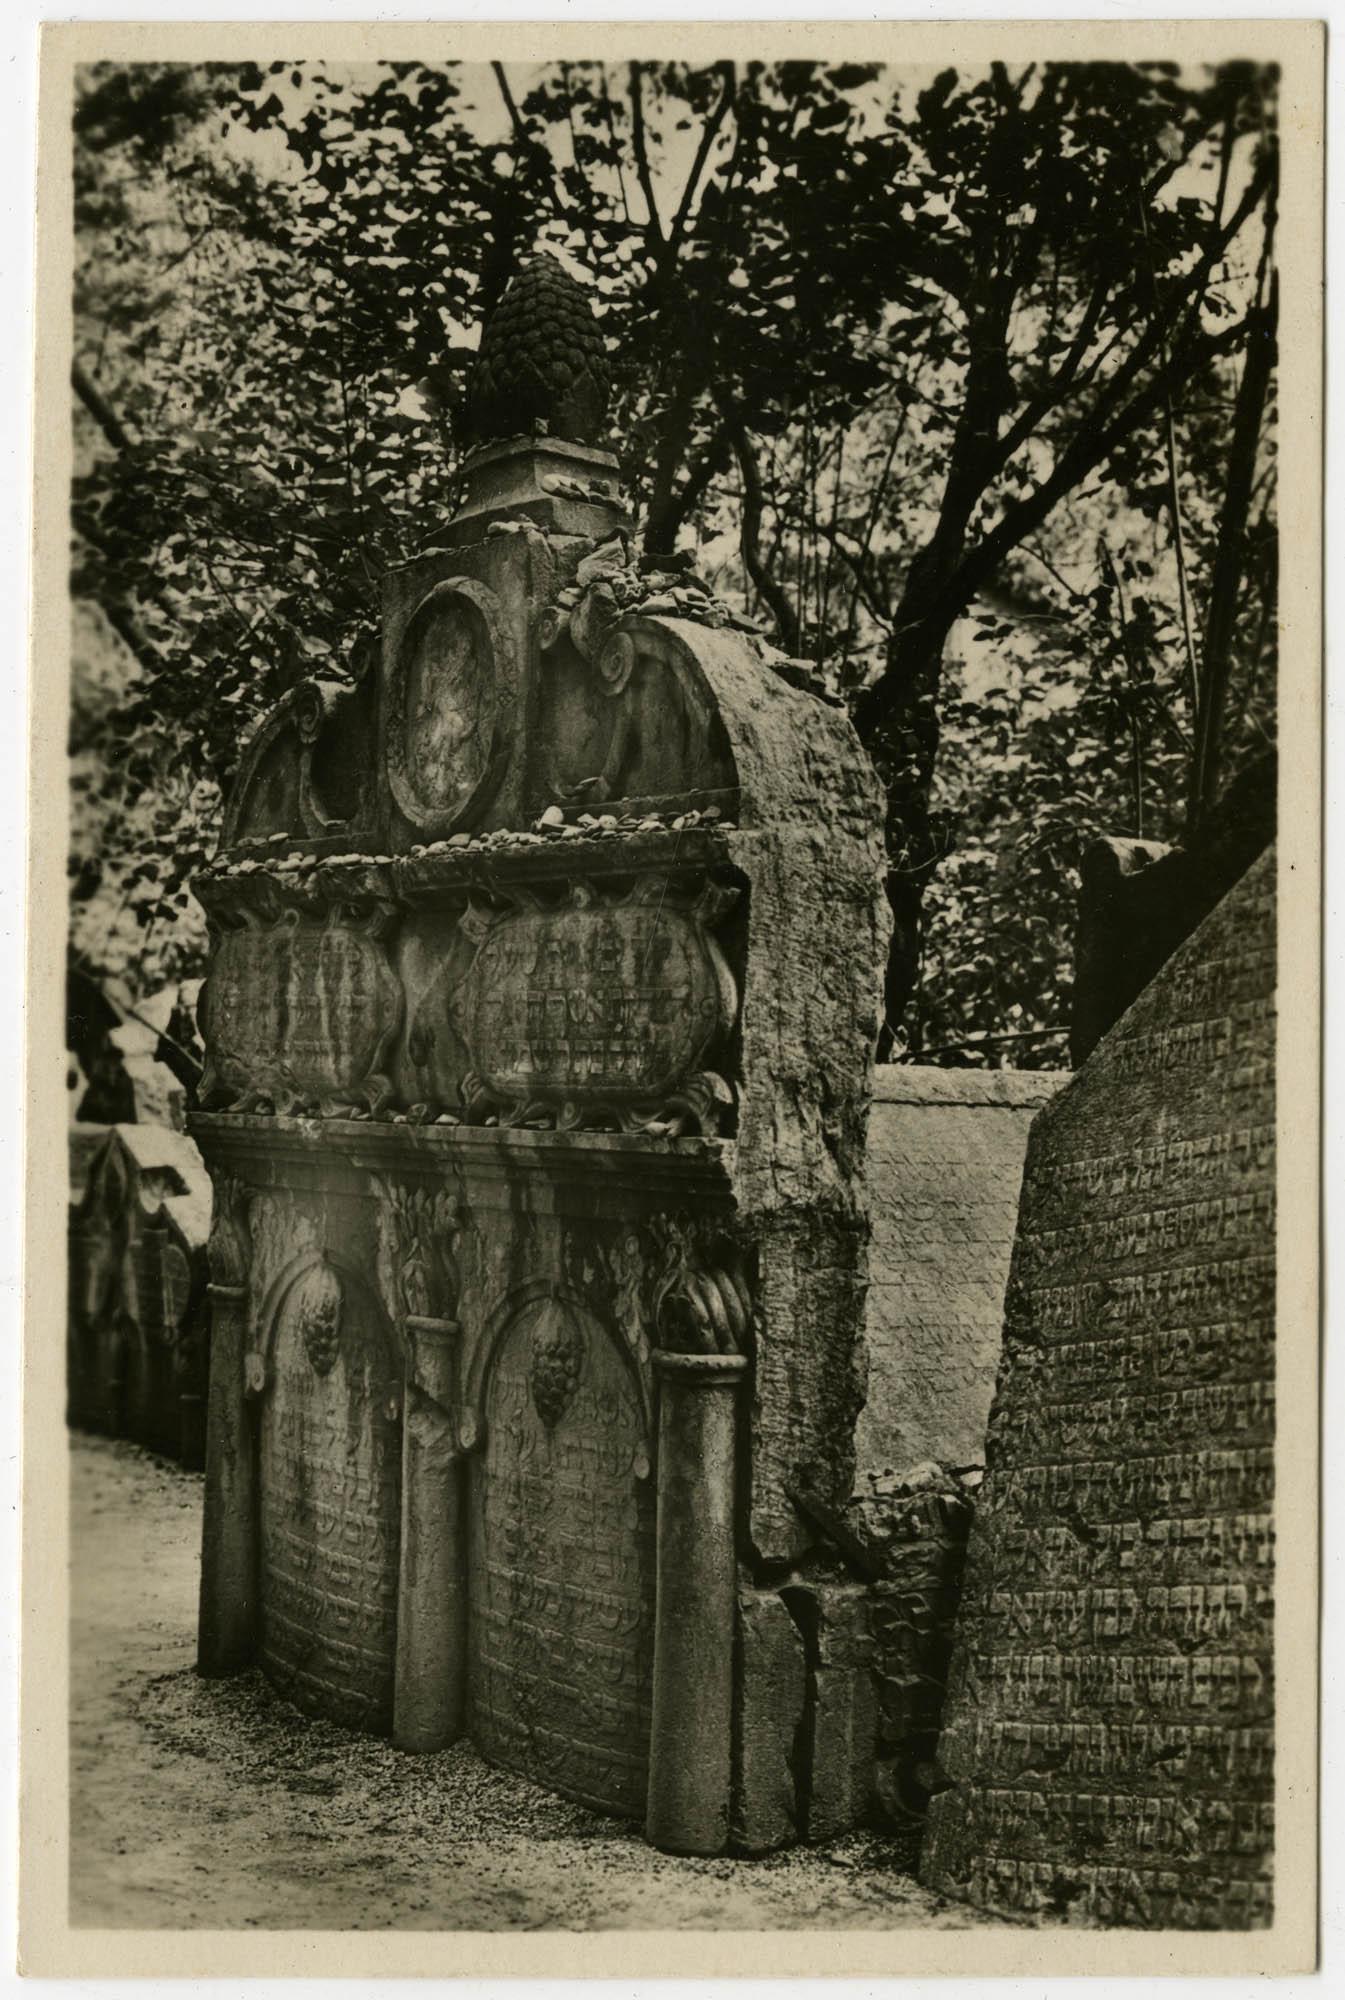 ר' יהודה ליווא בן בצלאל ז''ל (מהר''ל מפראג) שס''ט / Vysoký rabí Lev (1609). / Der hohe Rabbi Löw (1609).